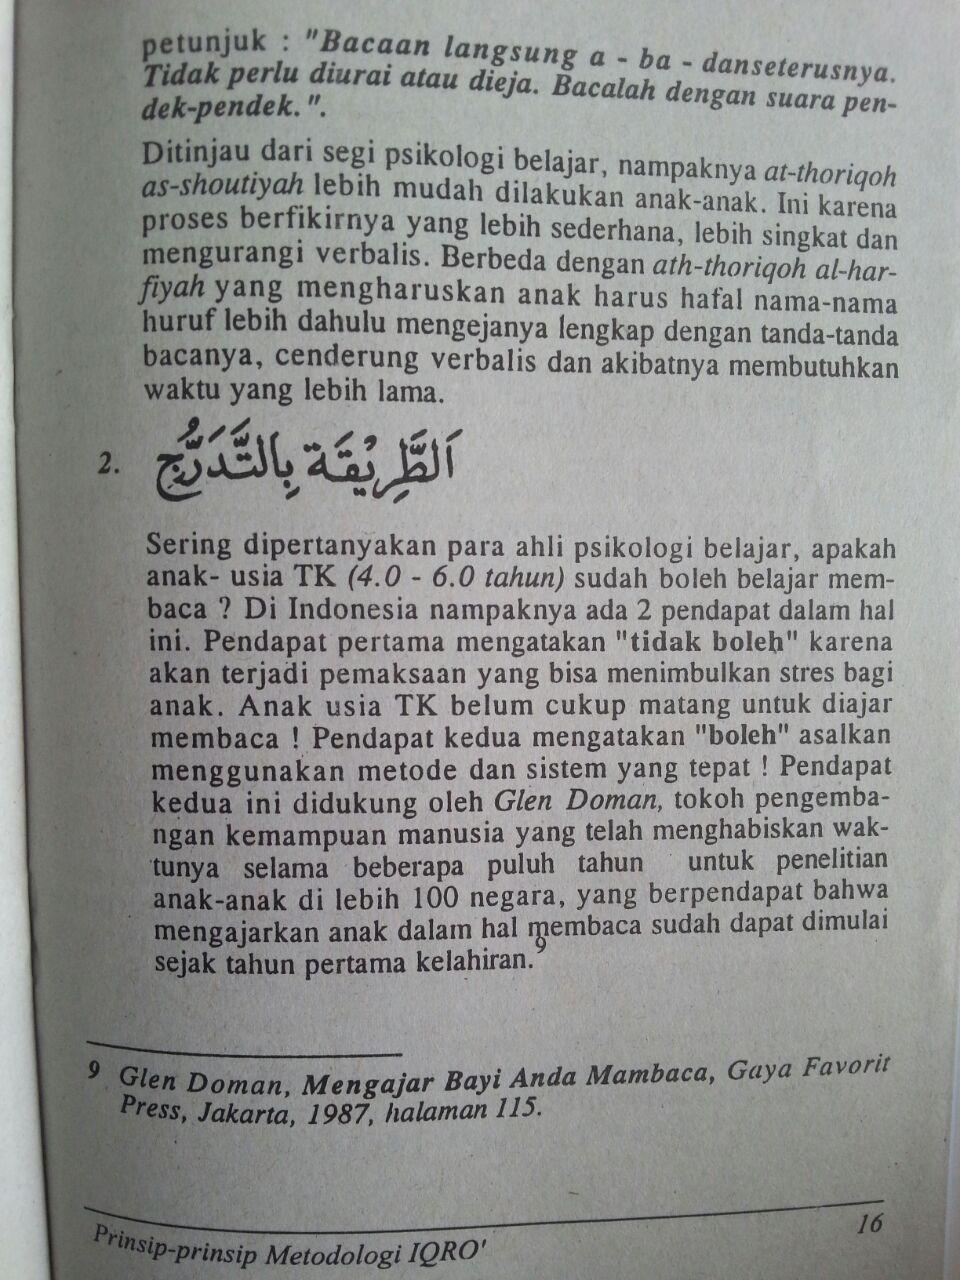 Buku Prinsip-Prinsip Metodologi Buku Iqro Cara Cepat Belajar Membaca Al-Quran isi 2